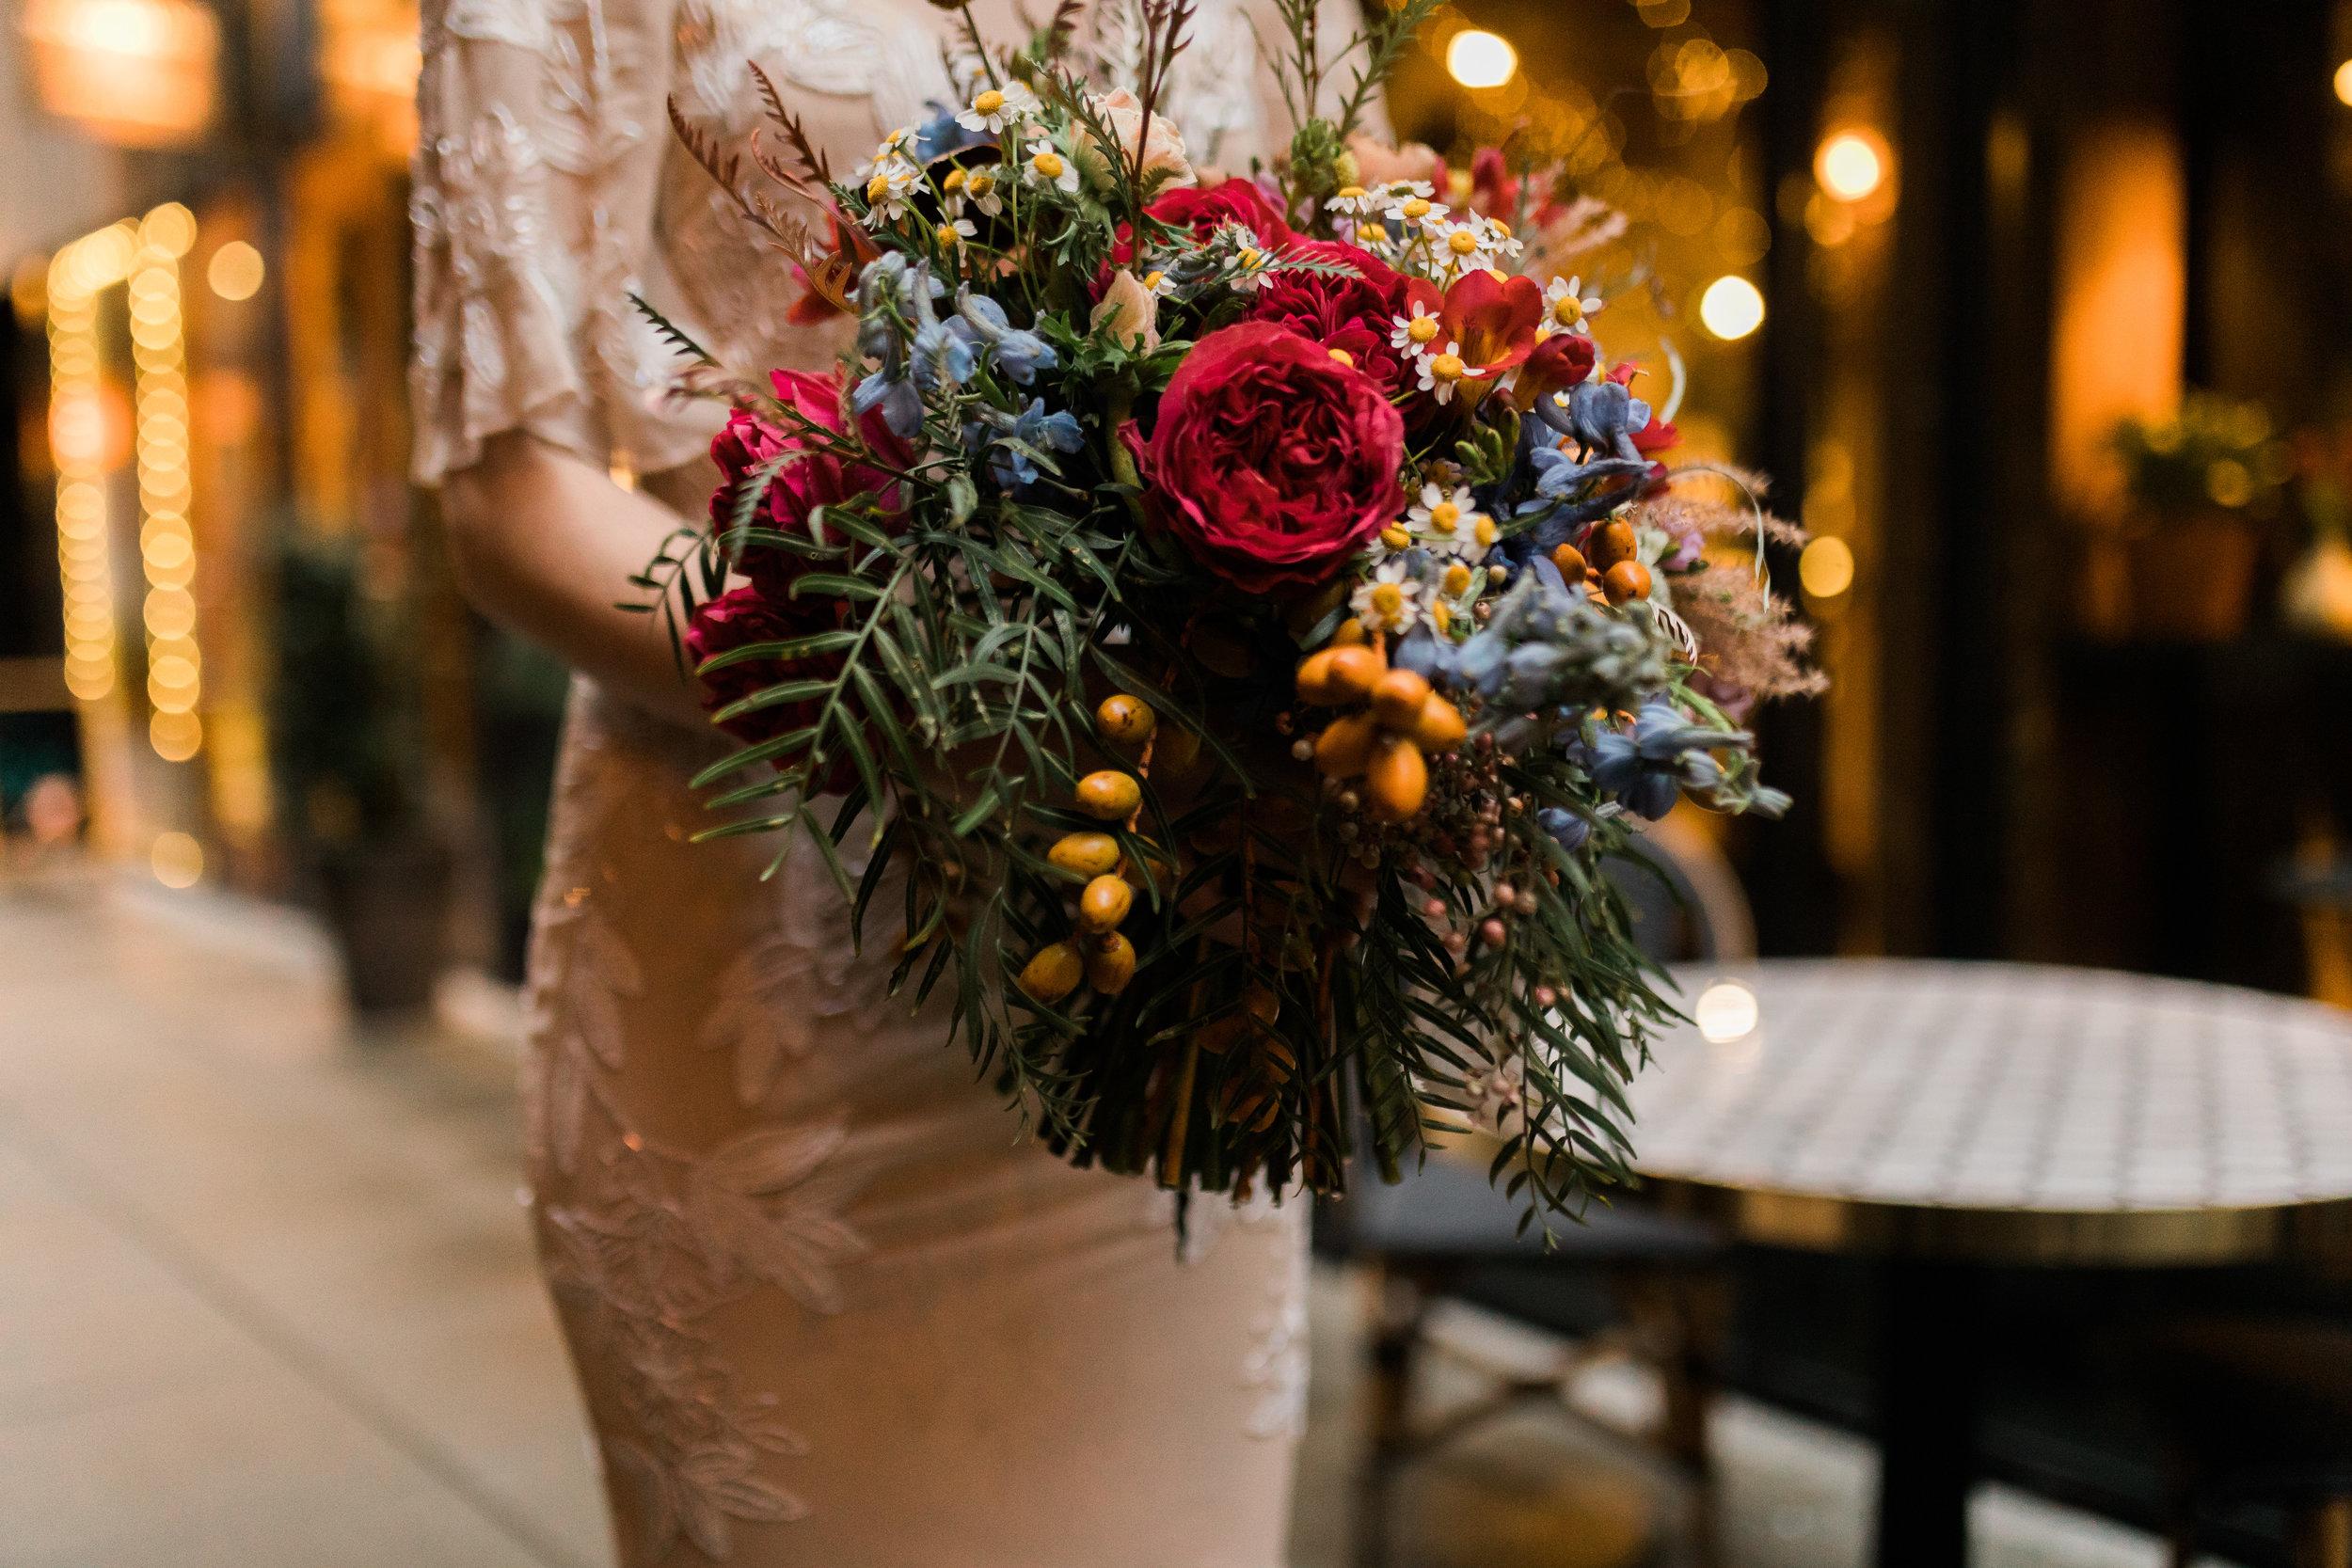 Styled-Bridal-Session-Seattle-Washington-Tara-Nichole-Photo-2.jpg